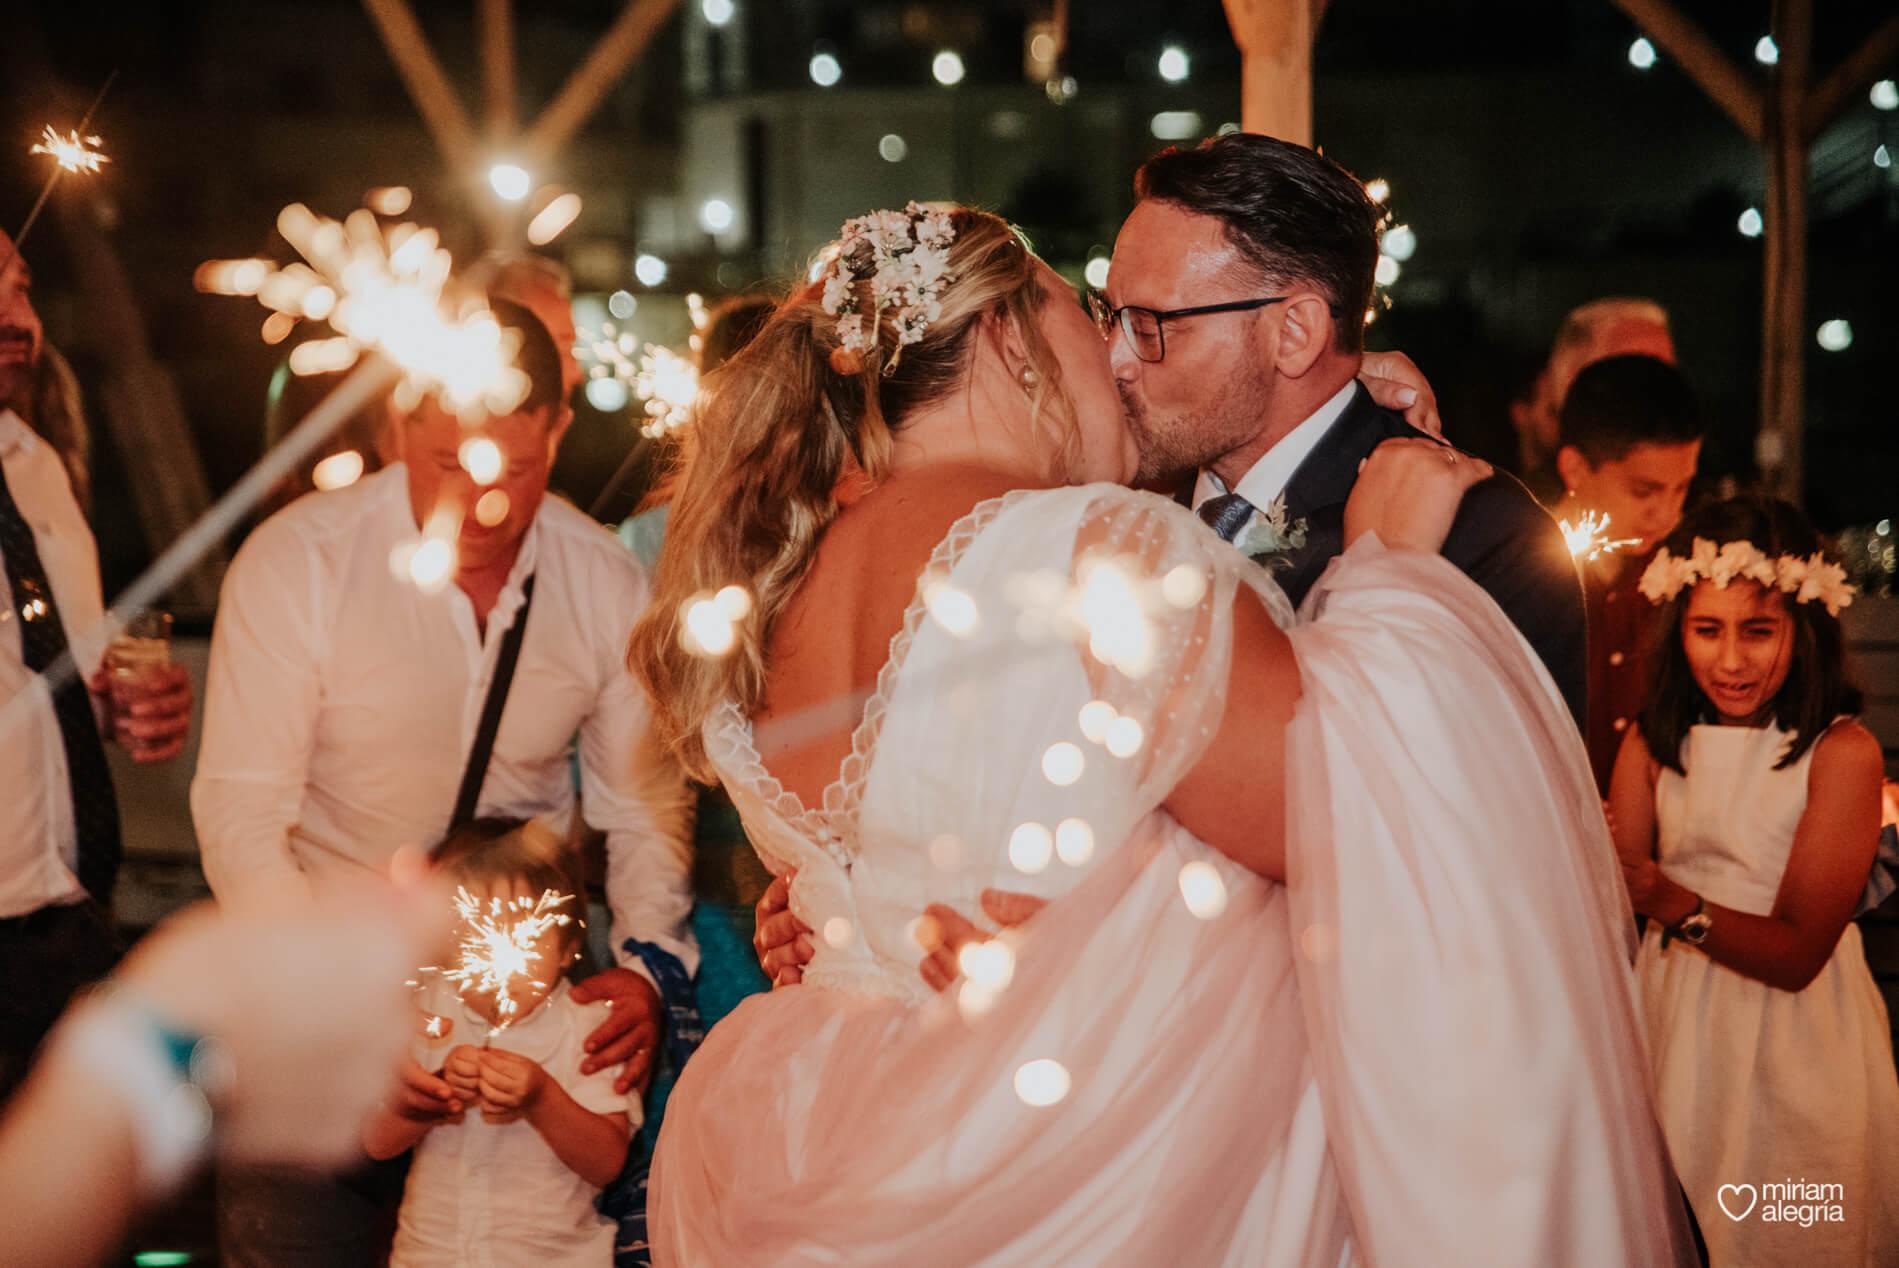 boda-en-macondo-vicyarmando-99